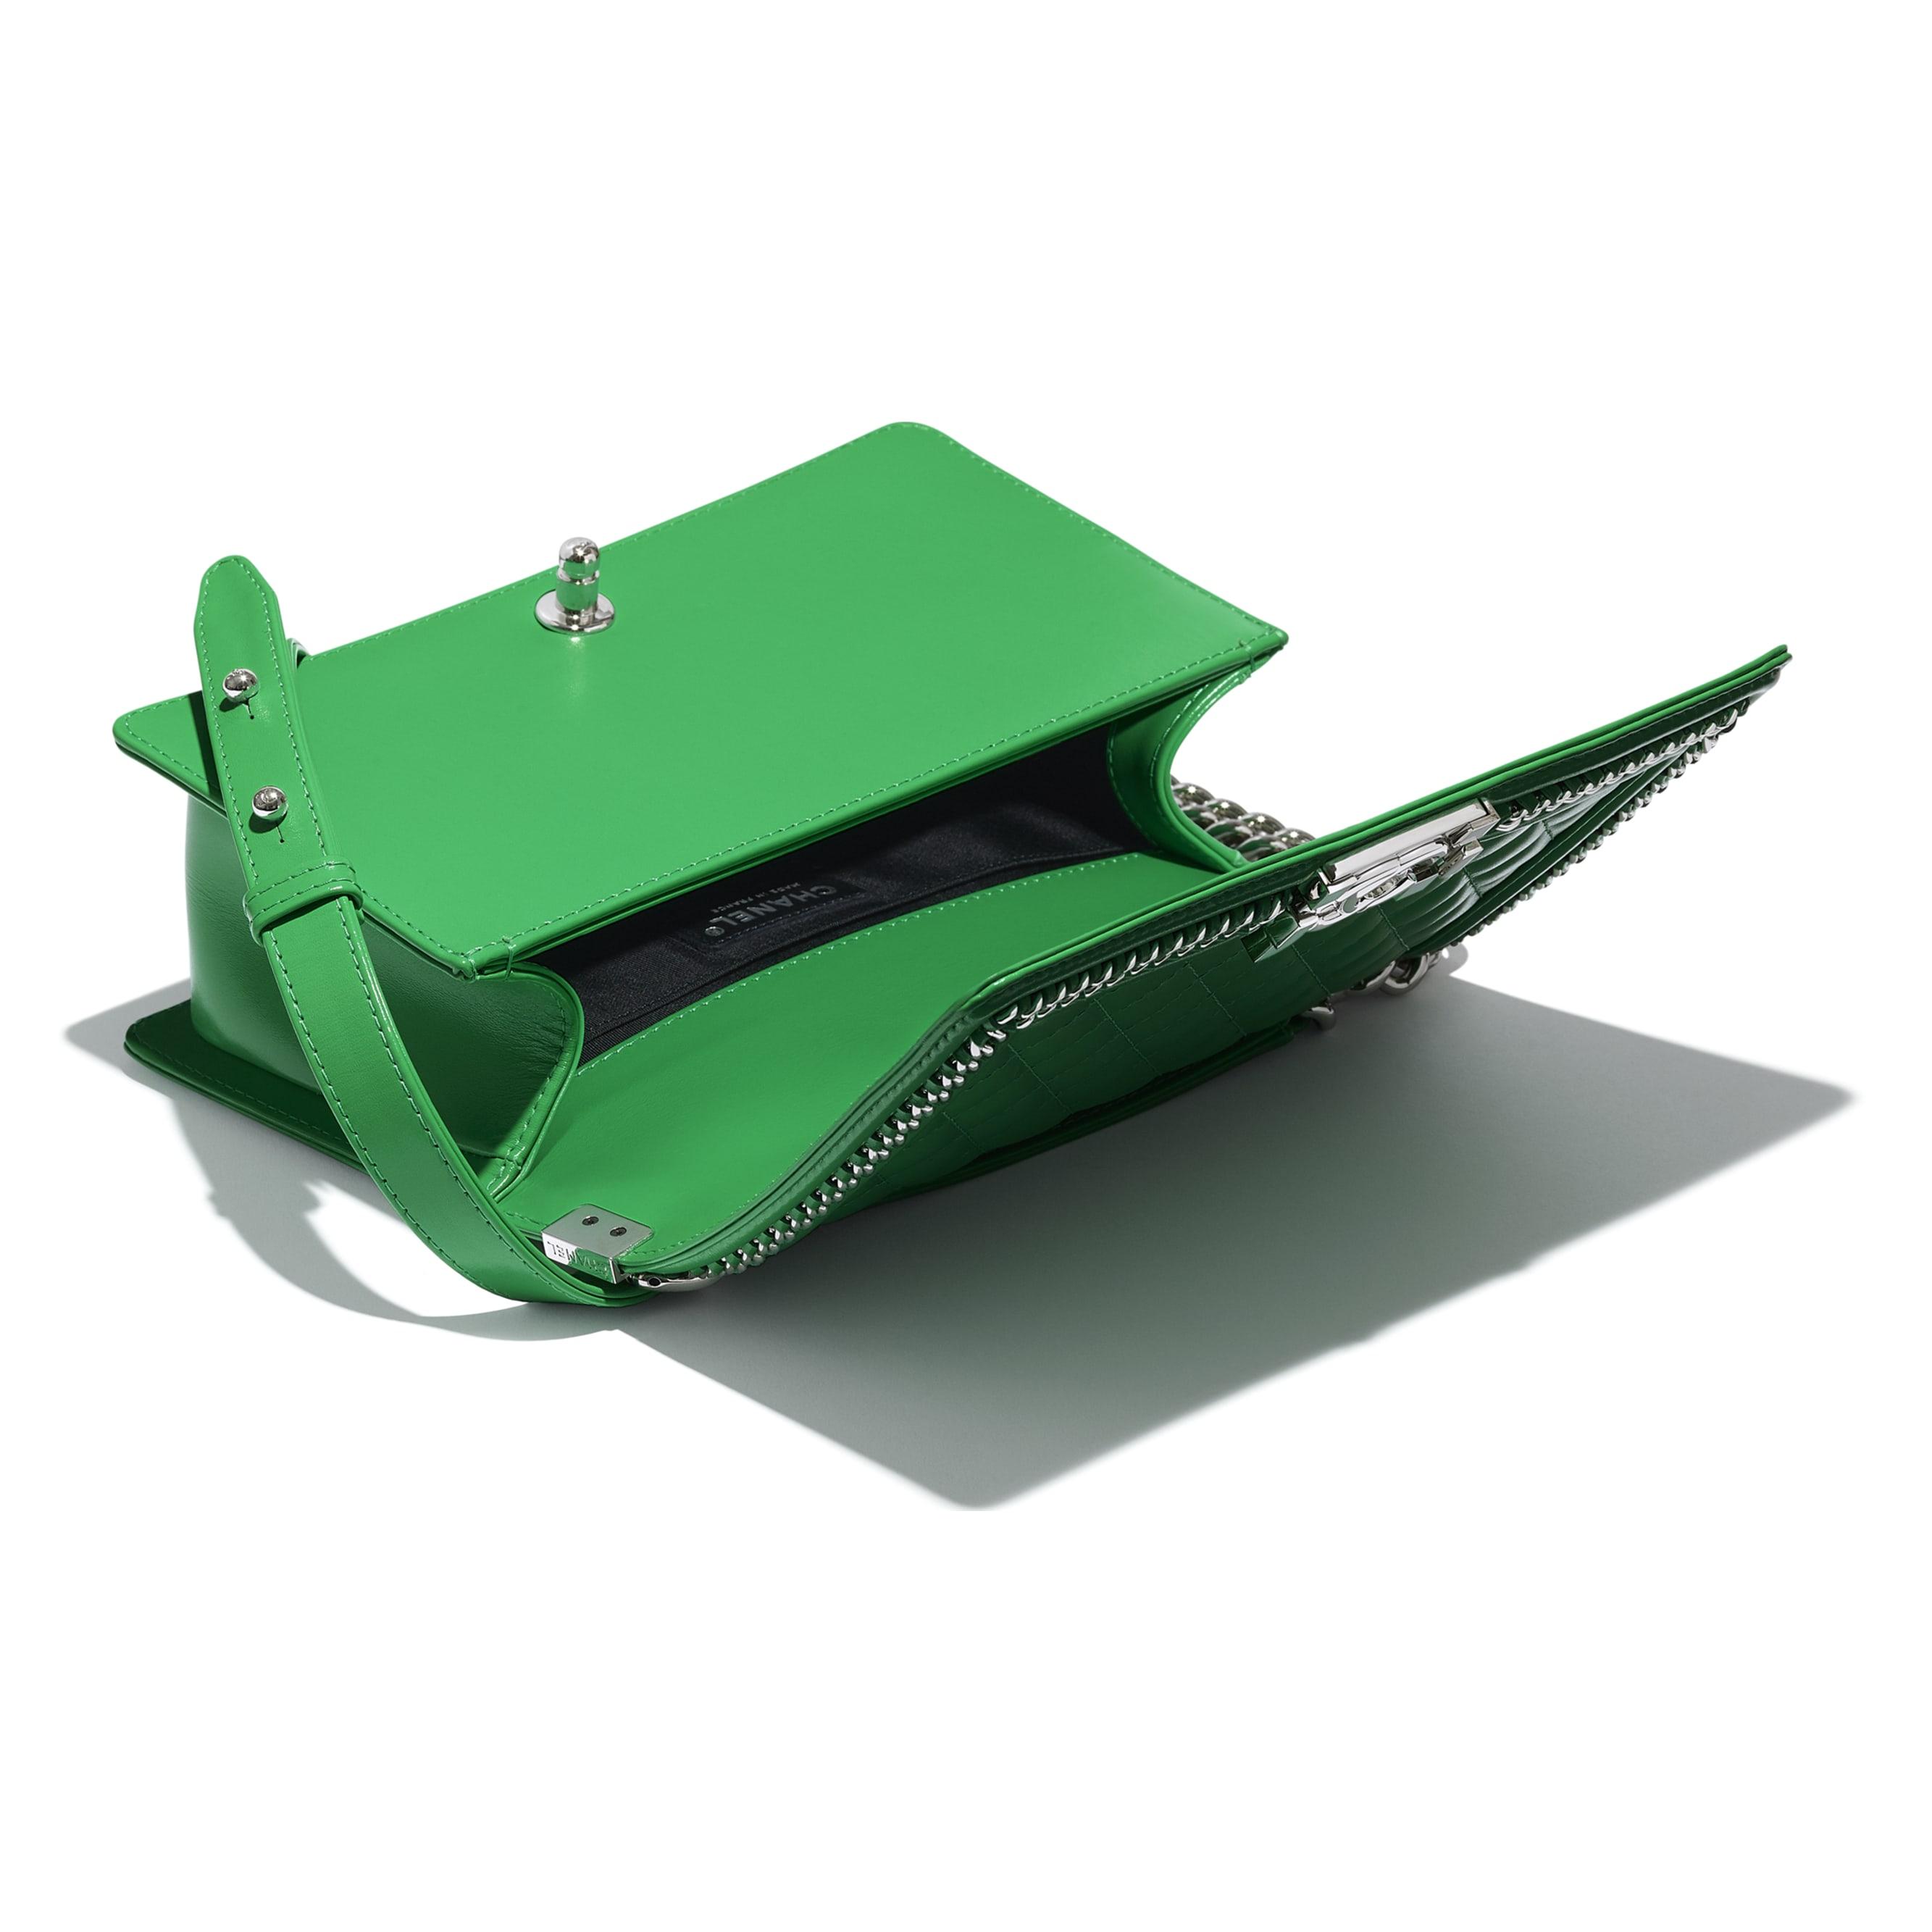 Borsa BOY CHANEL - Verde - Pelle & metallo effetto argentato - CHANEL - Altra immagine - vedere versione standard